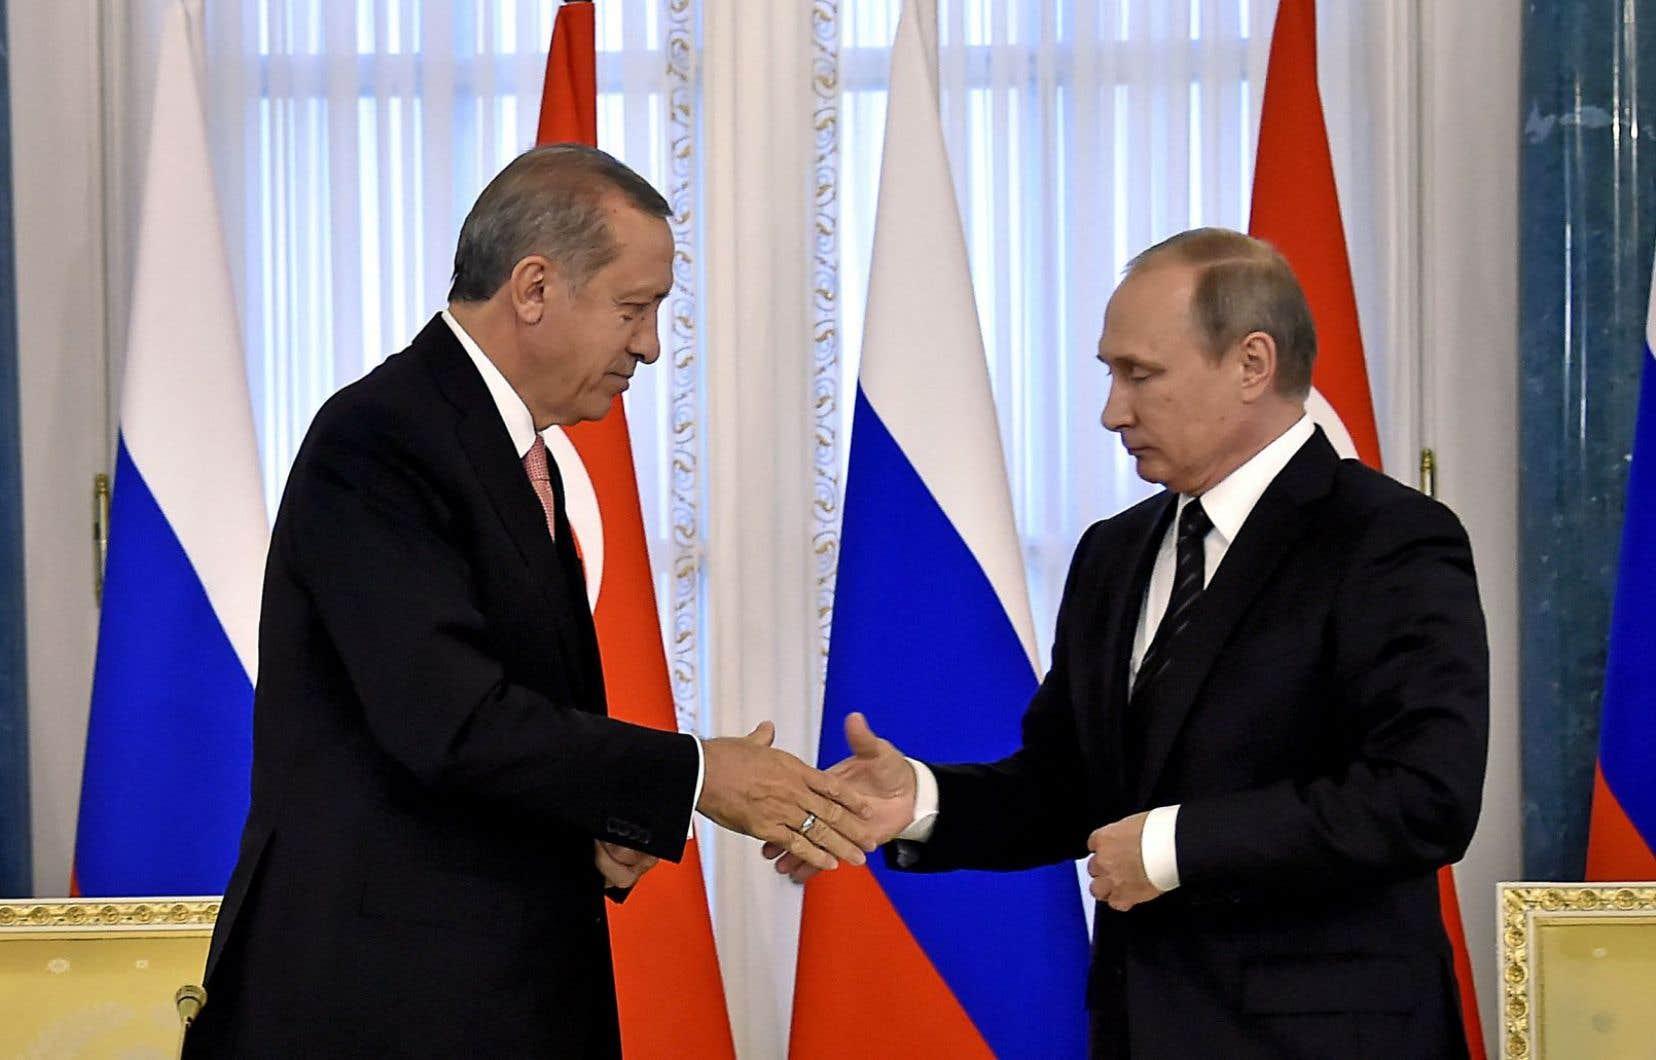 Les présidents turc, Recep Tayyip Erdogan (à gauche), et russe, Vladimir Poutine, se sont rencontrés mardi à Saint-Pétersbourg.